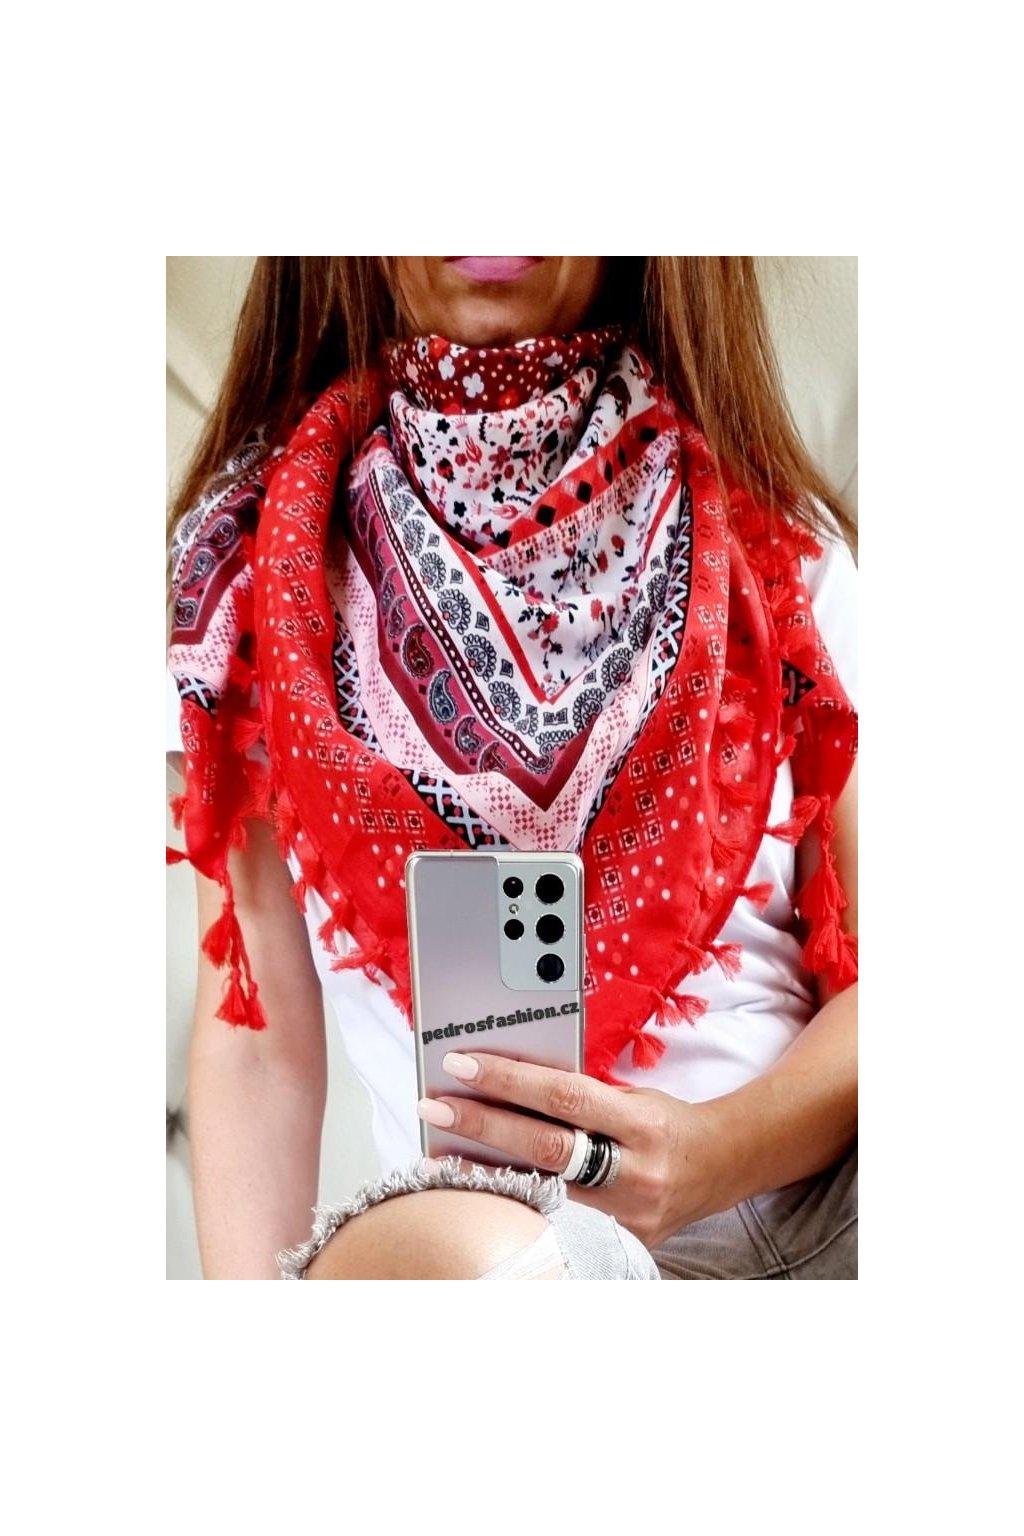 sefaris červený maxišátek čtverec bavlna